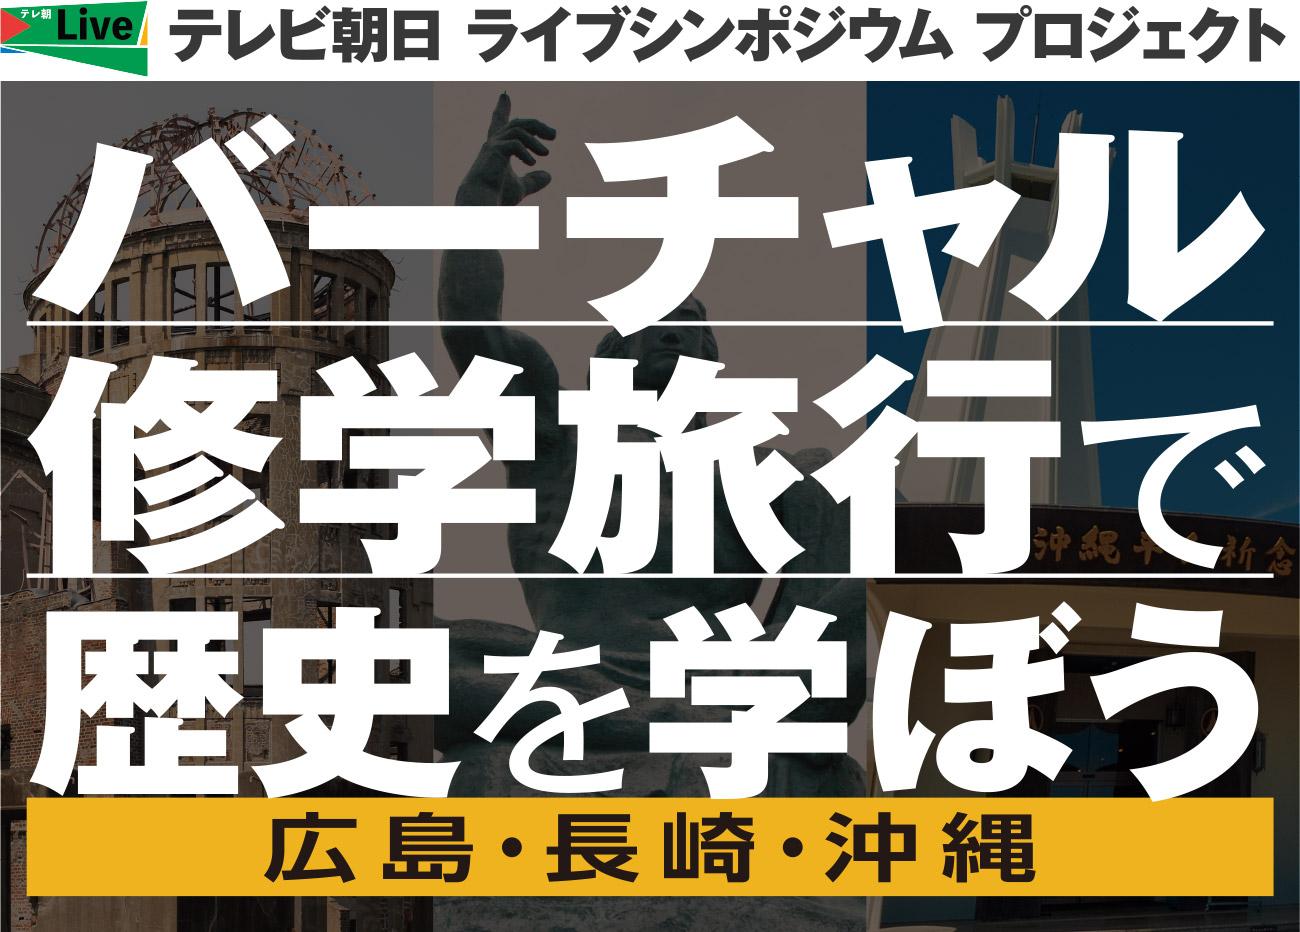 バーチャル修学旅行で歴史を学ぼう 広島・長崎・沖縄